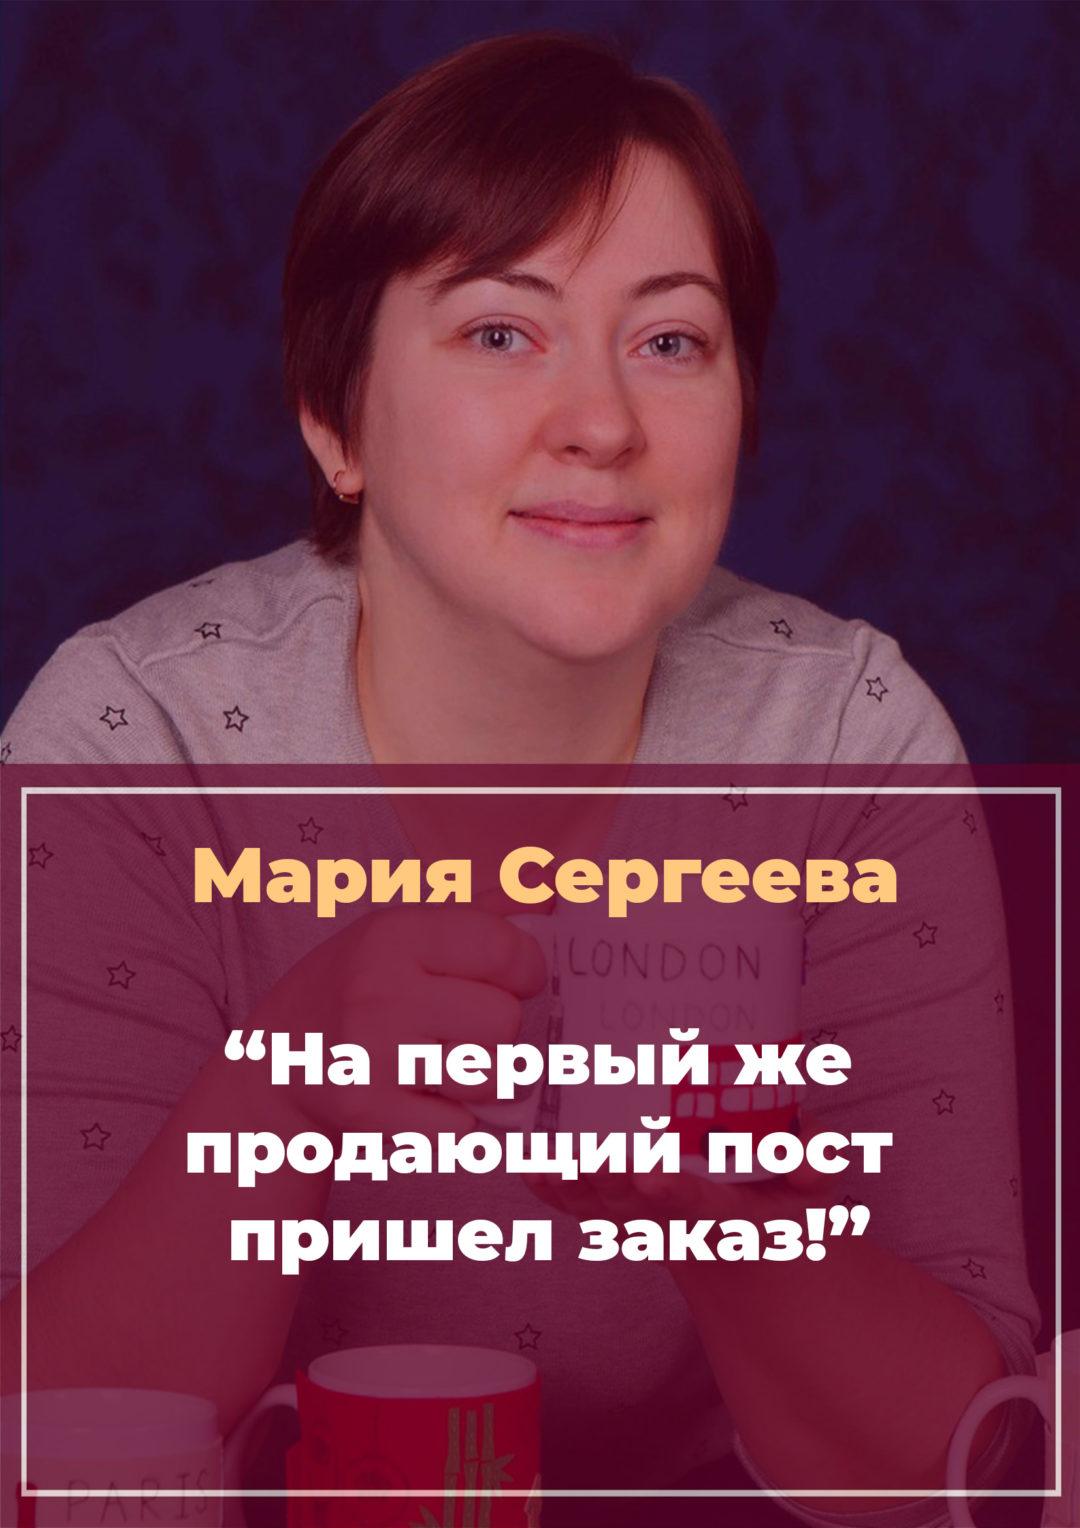 История Марии Сергеевой